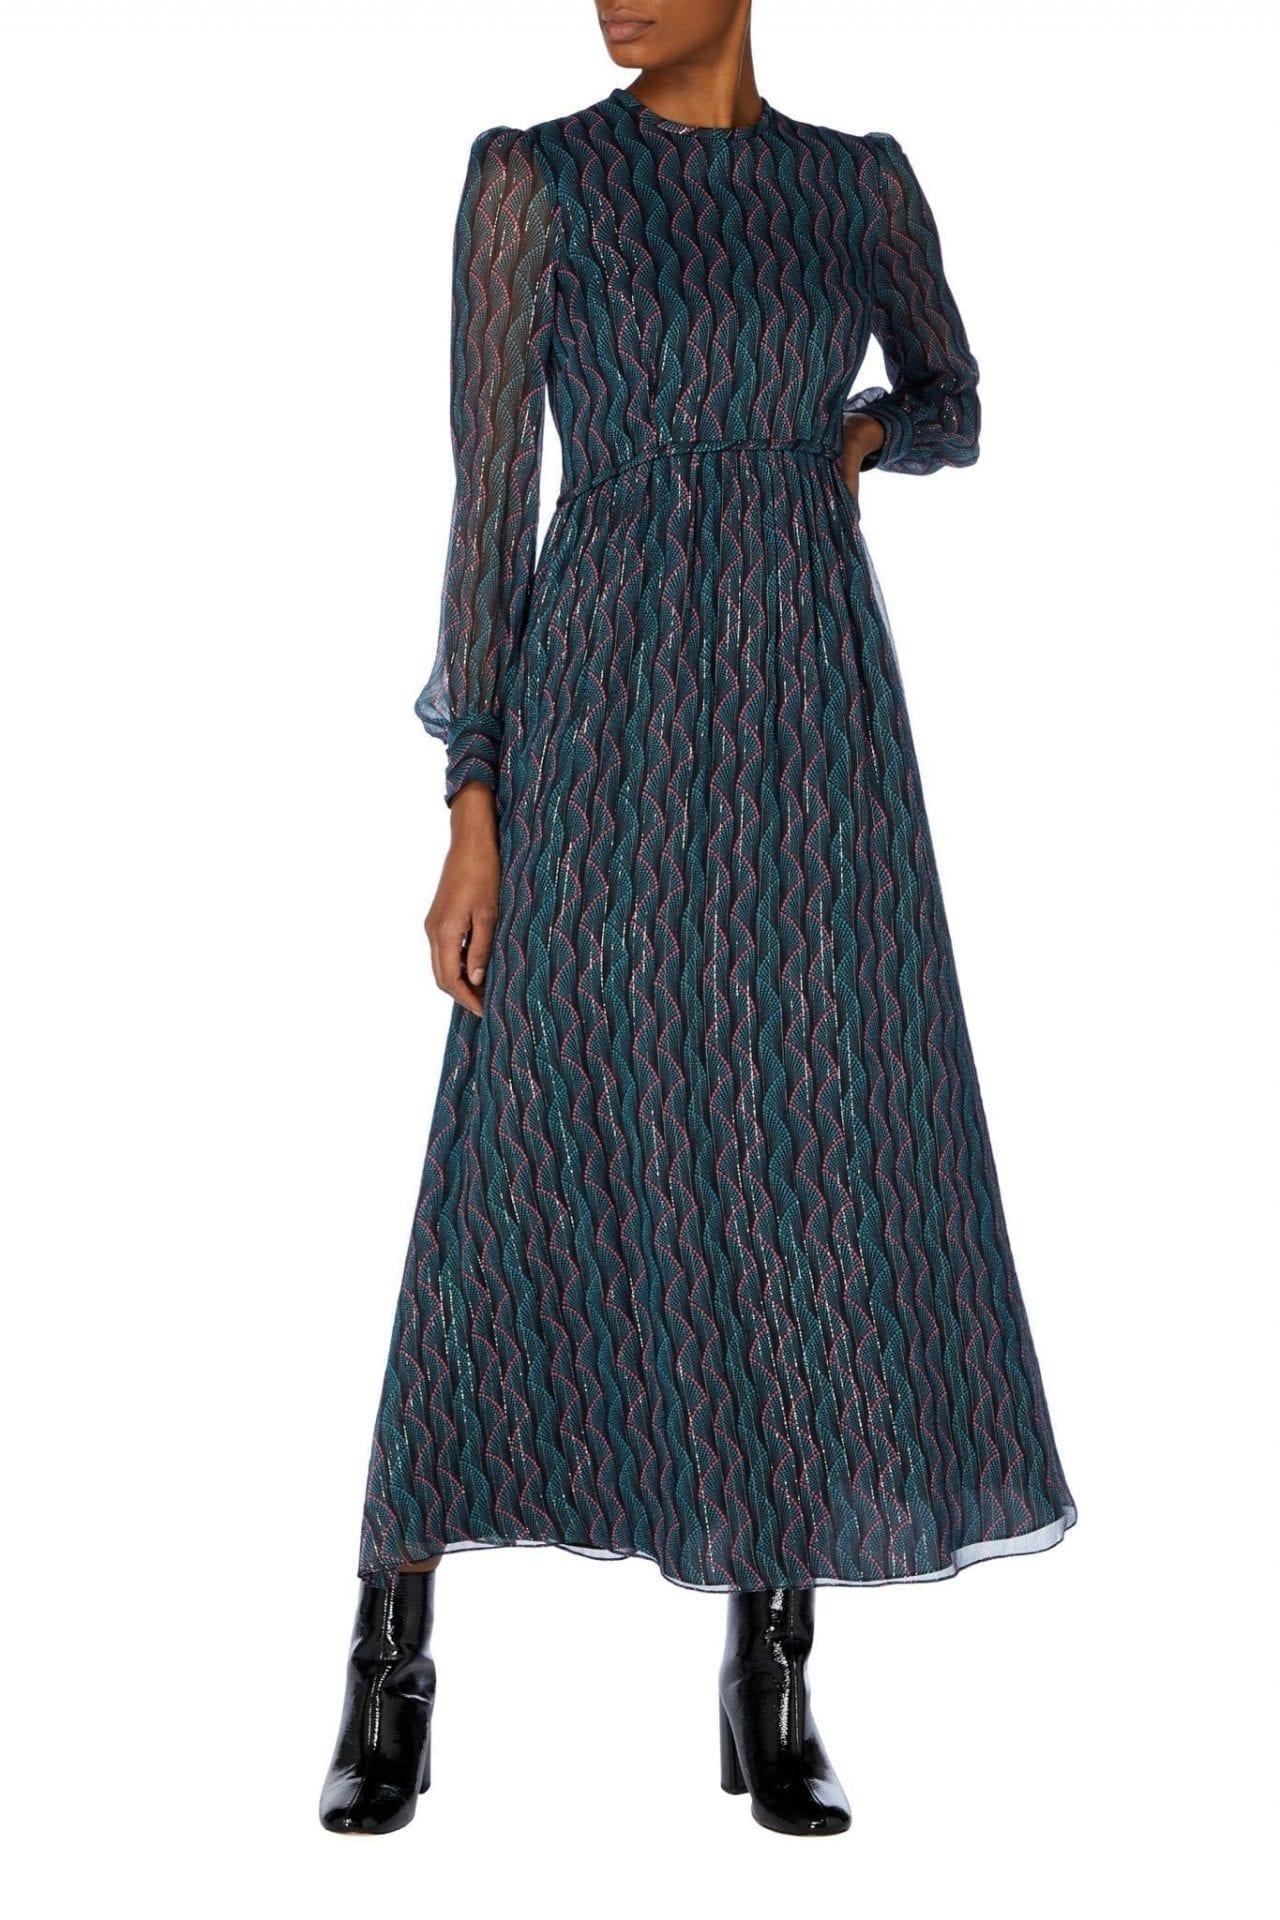 GOAT FASHION Jezabelle Chiffon Gown